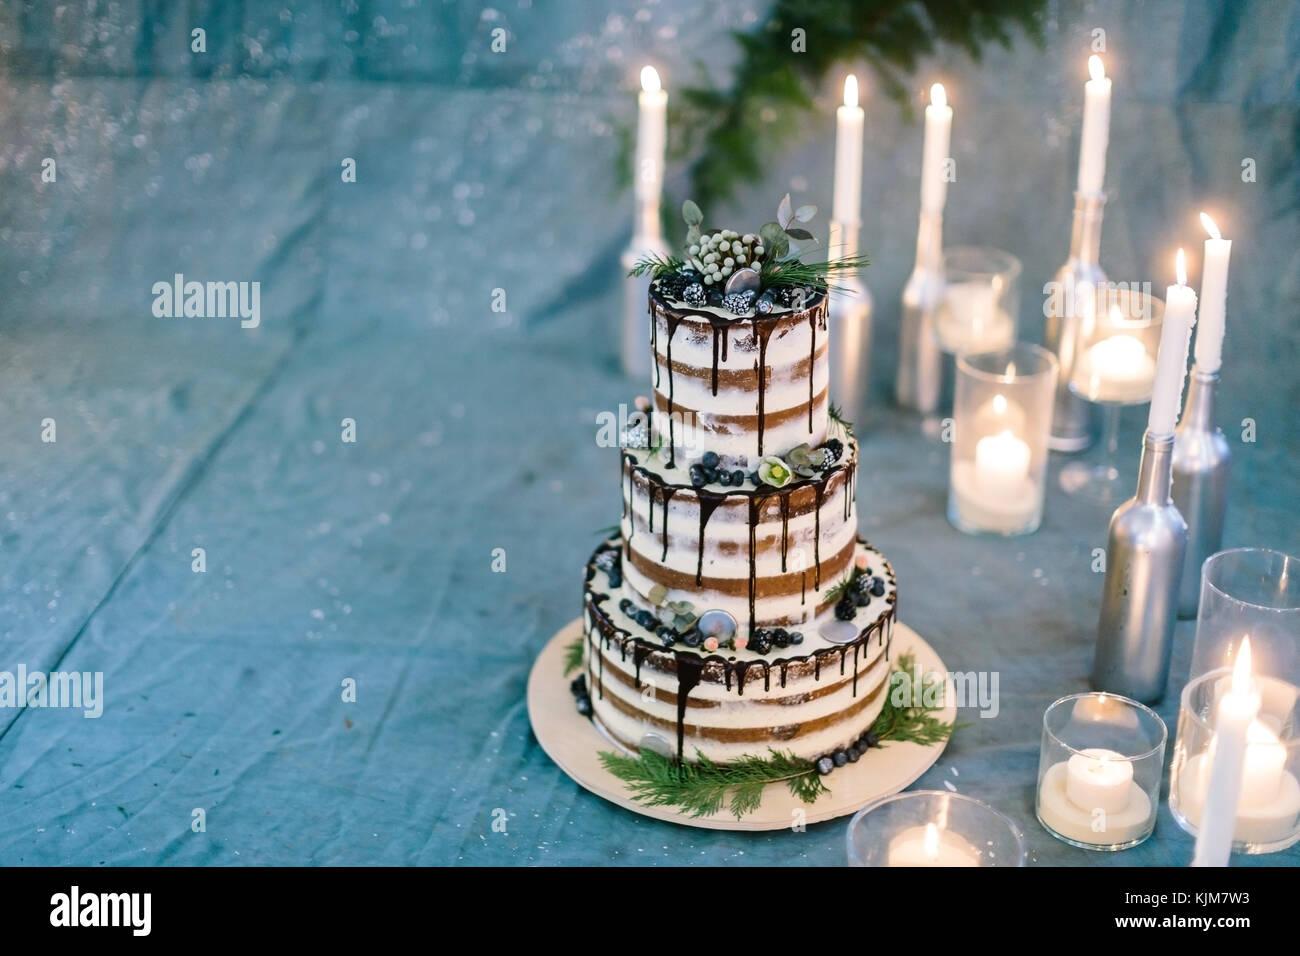 La confiserie, dessert, gâteau merveilleux. concept parti composé de trois niveaux, tous soigneusement Photo Stock